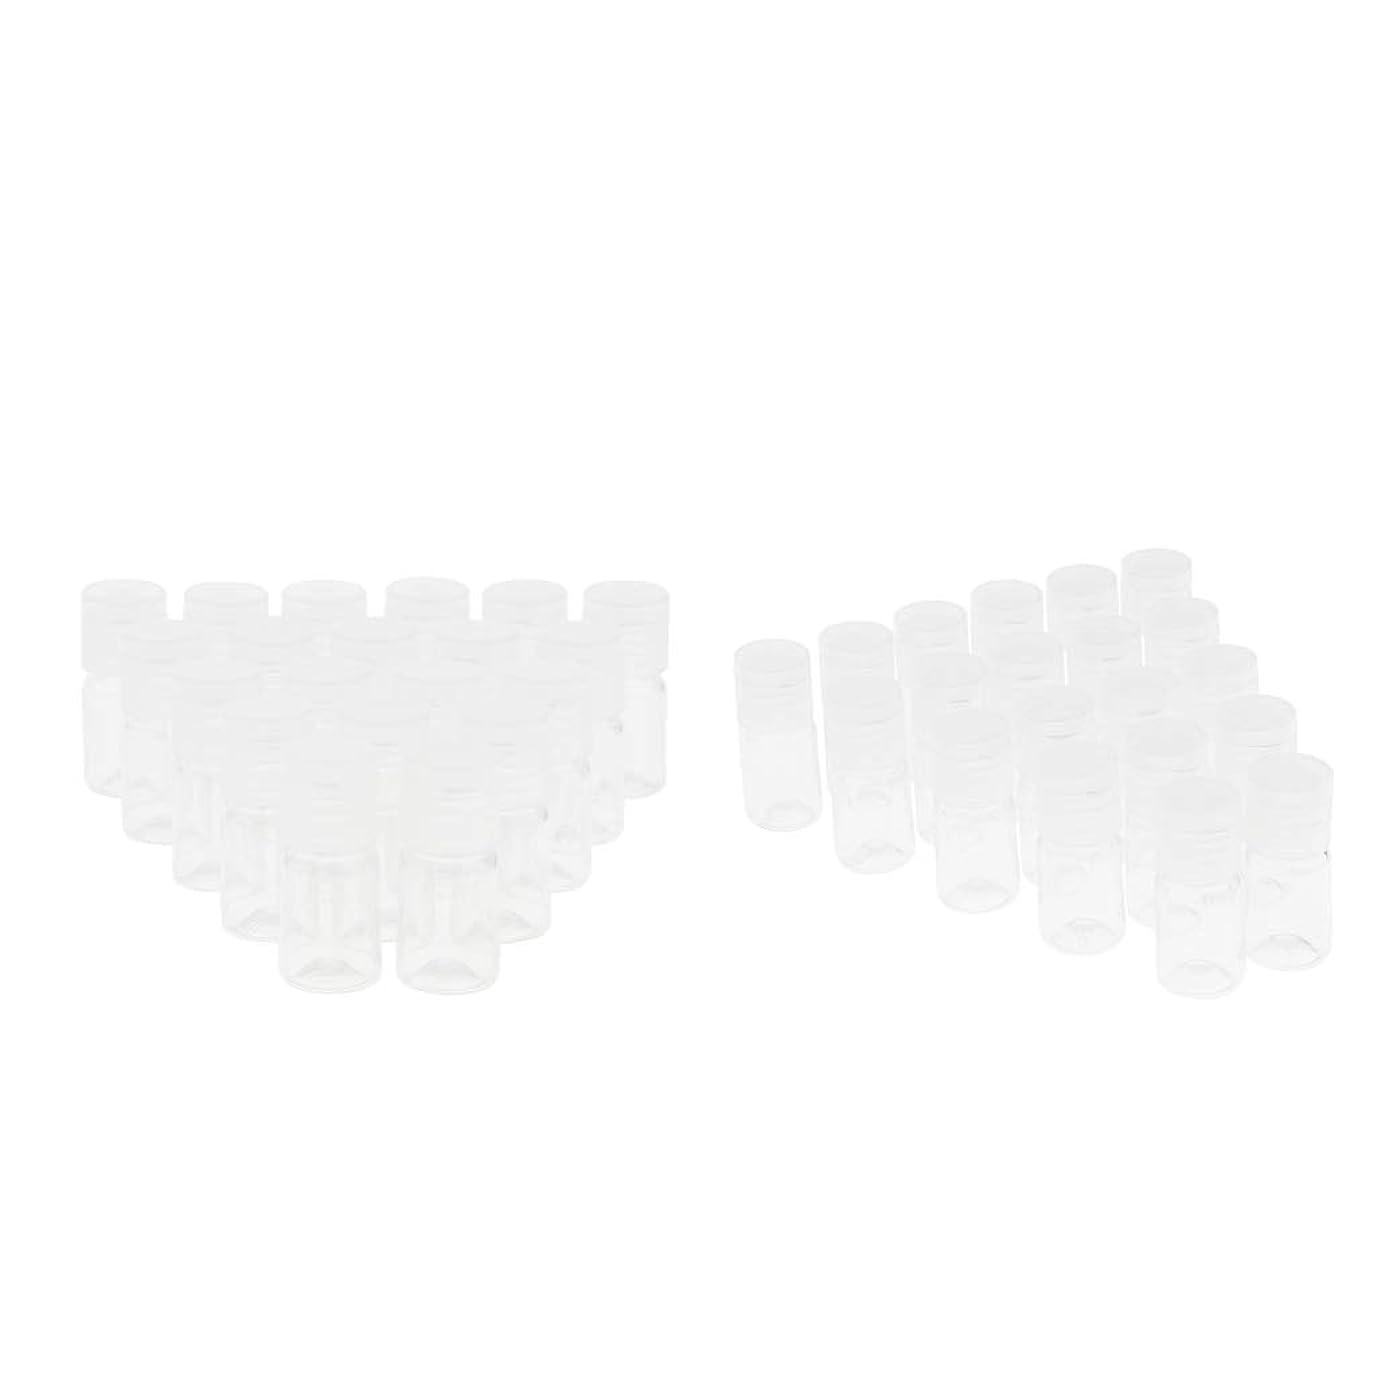 クリケット影響を受けやすいですジョージエリオットP Prettyia トラベルリキッドコンテナ 液体容器 化粧品ボトル 約40個セット